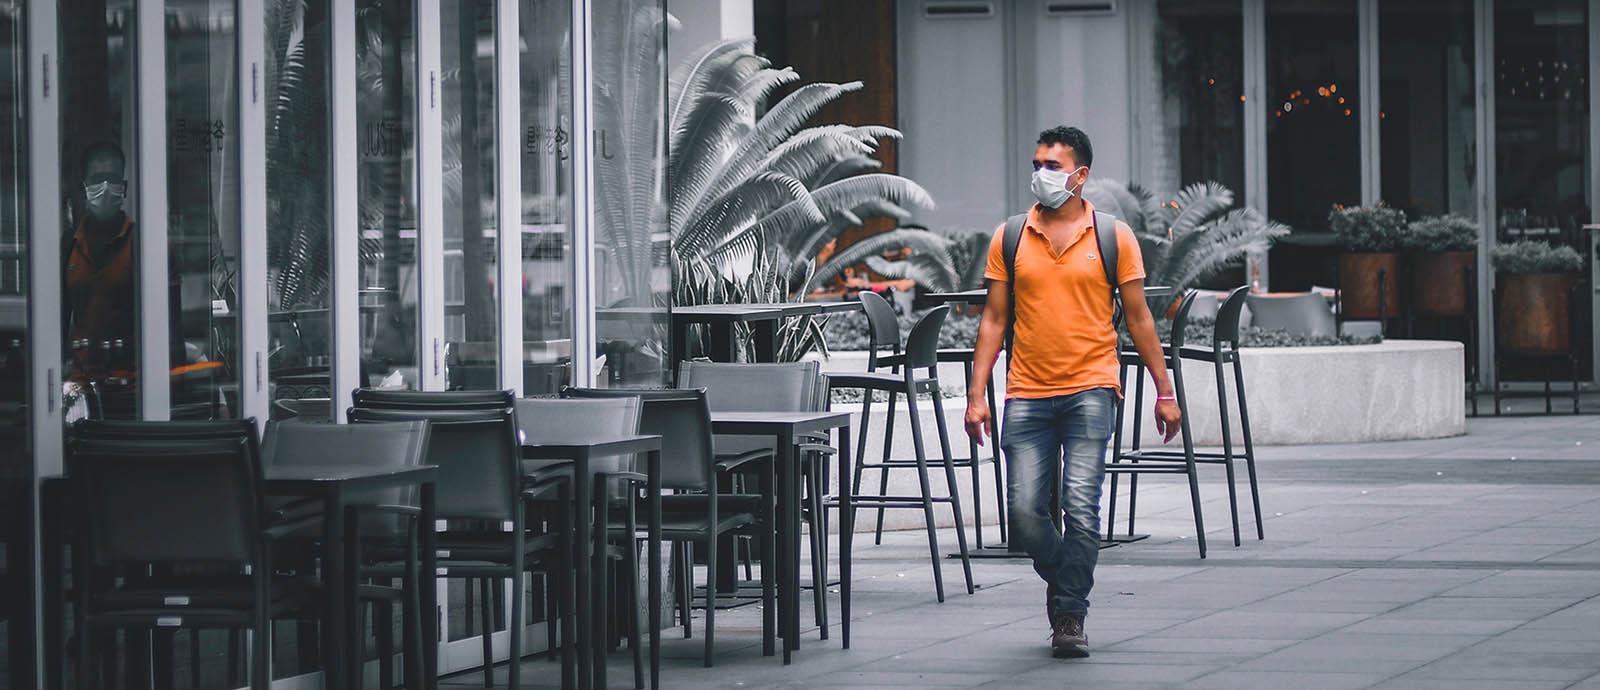 persona-caminando-con-mascarilla